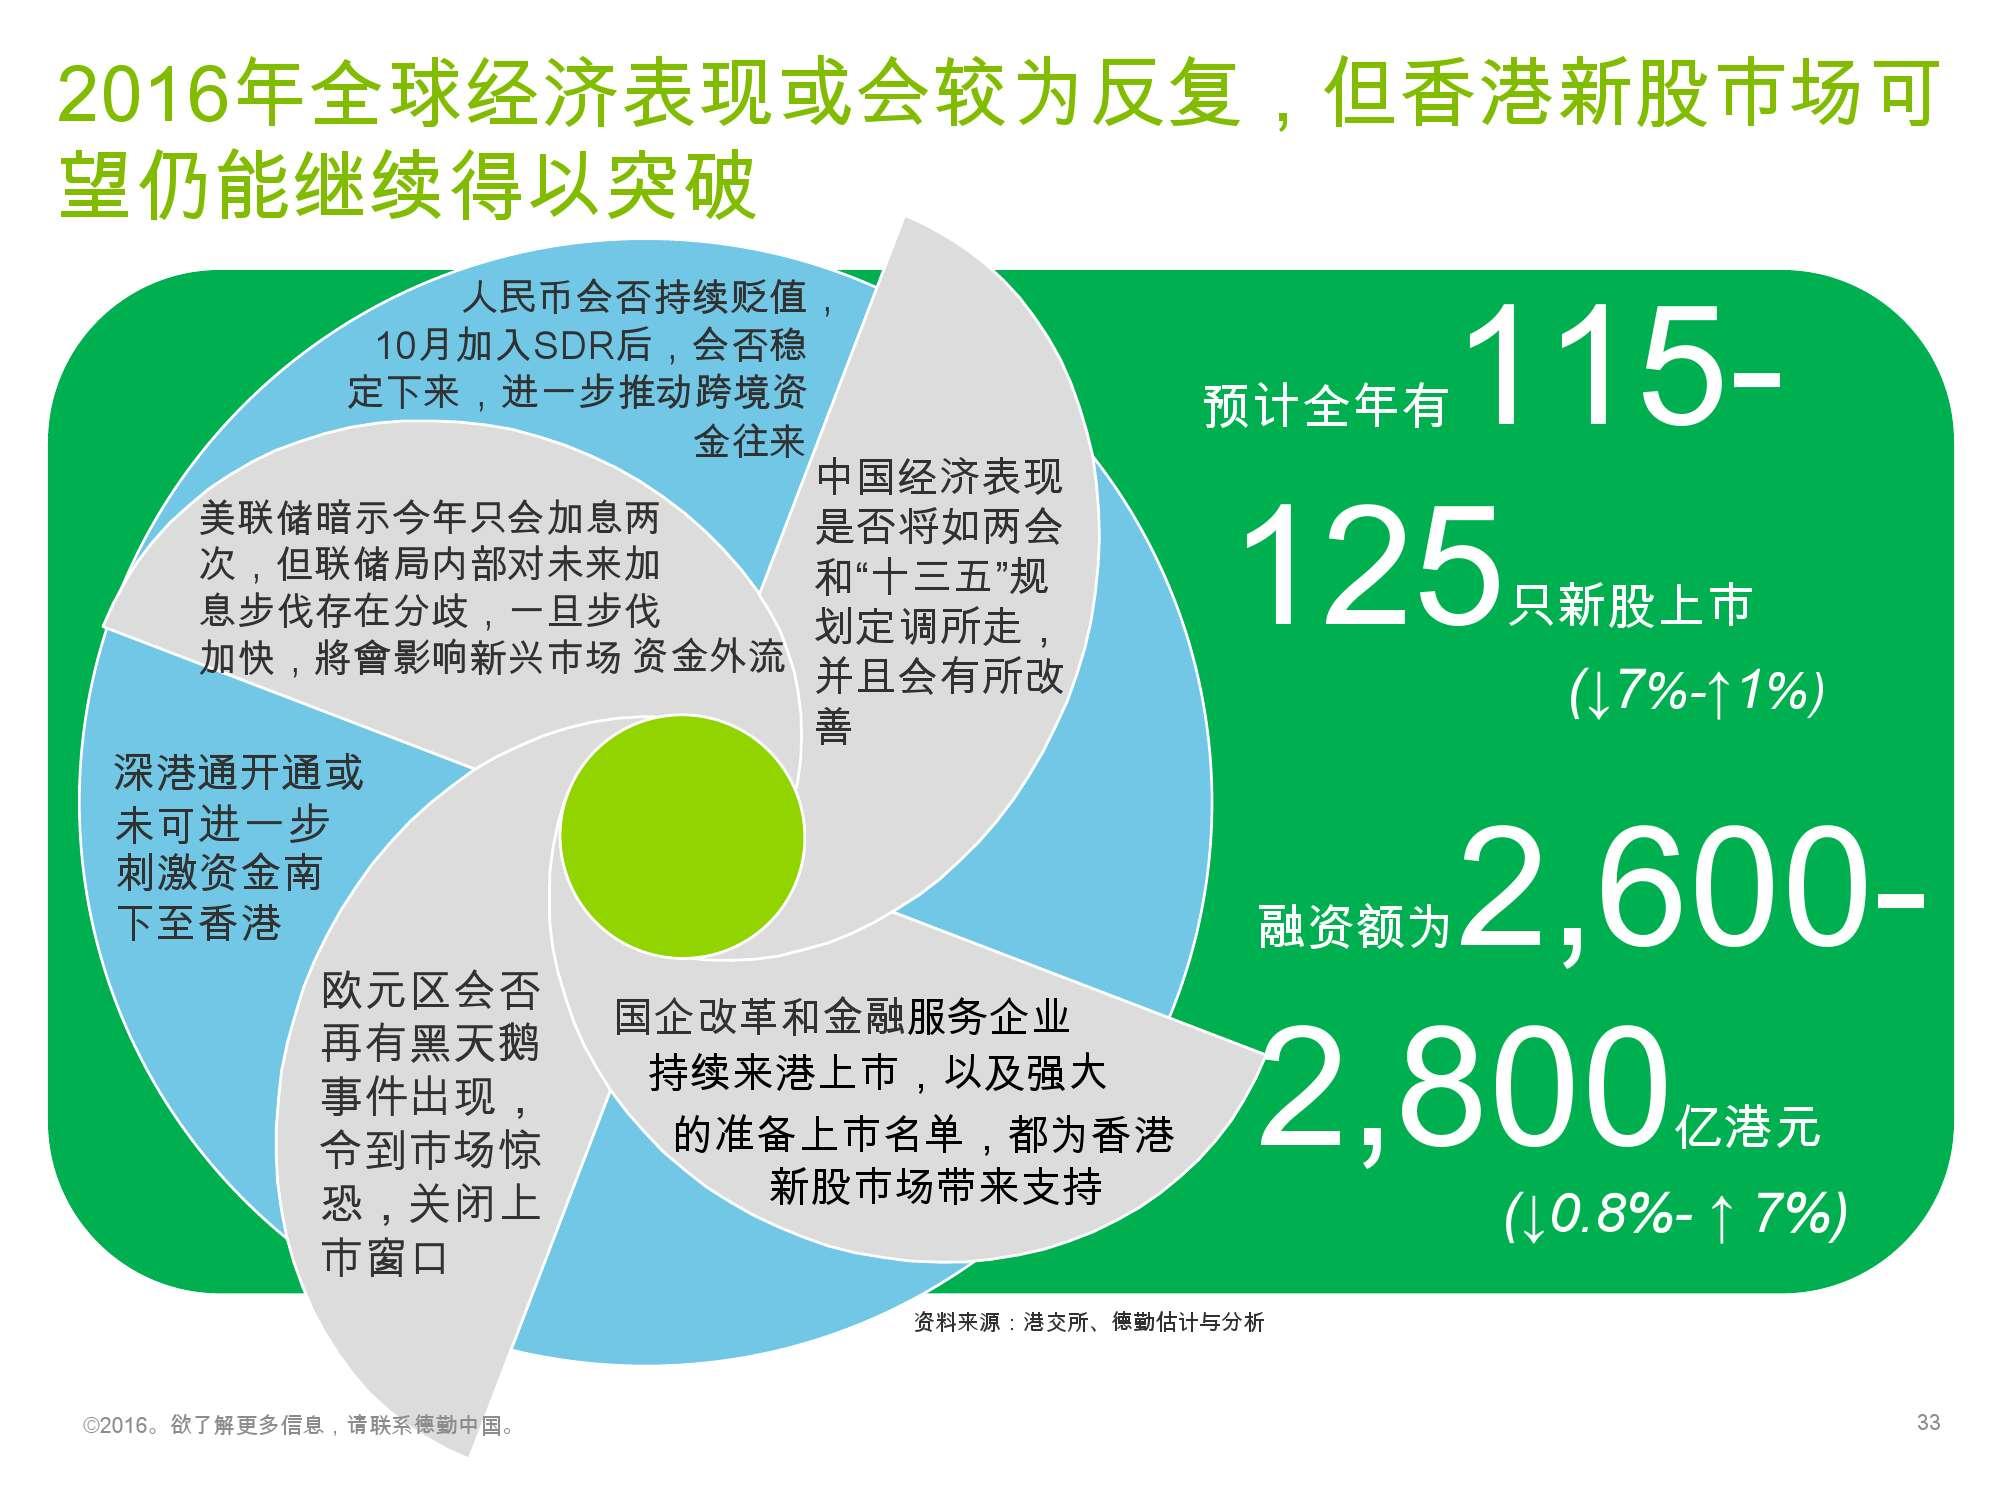 香港及中国大陆IPO市场2016年1季度_000033